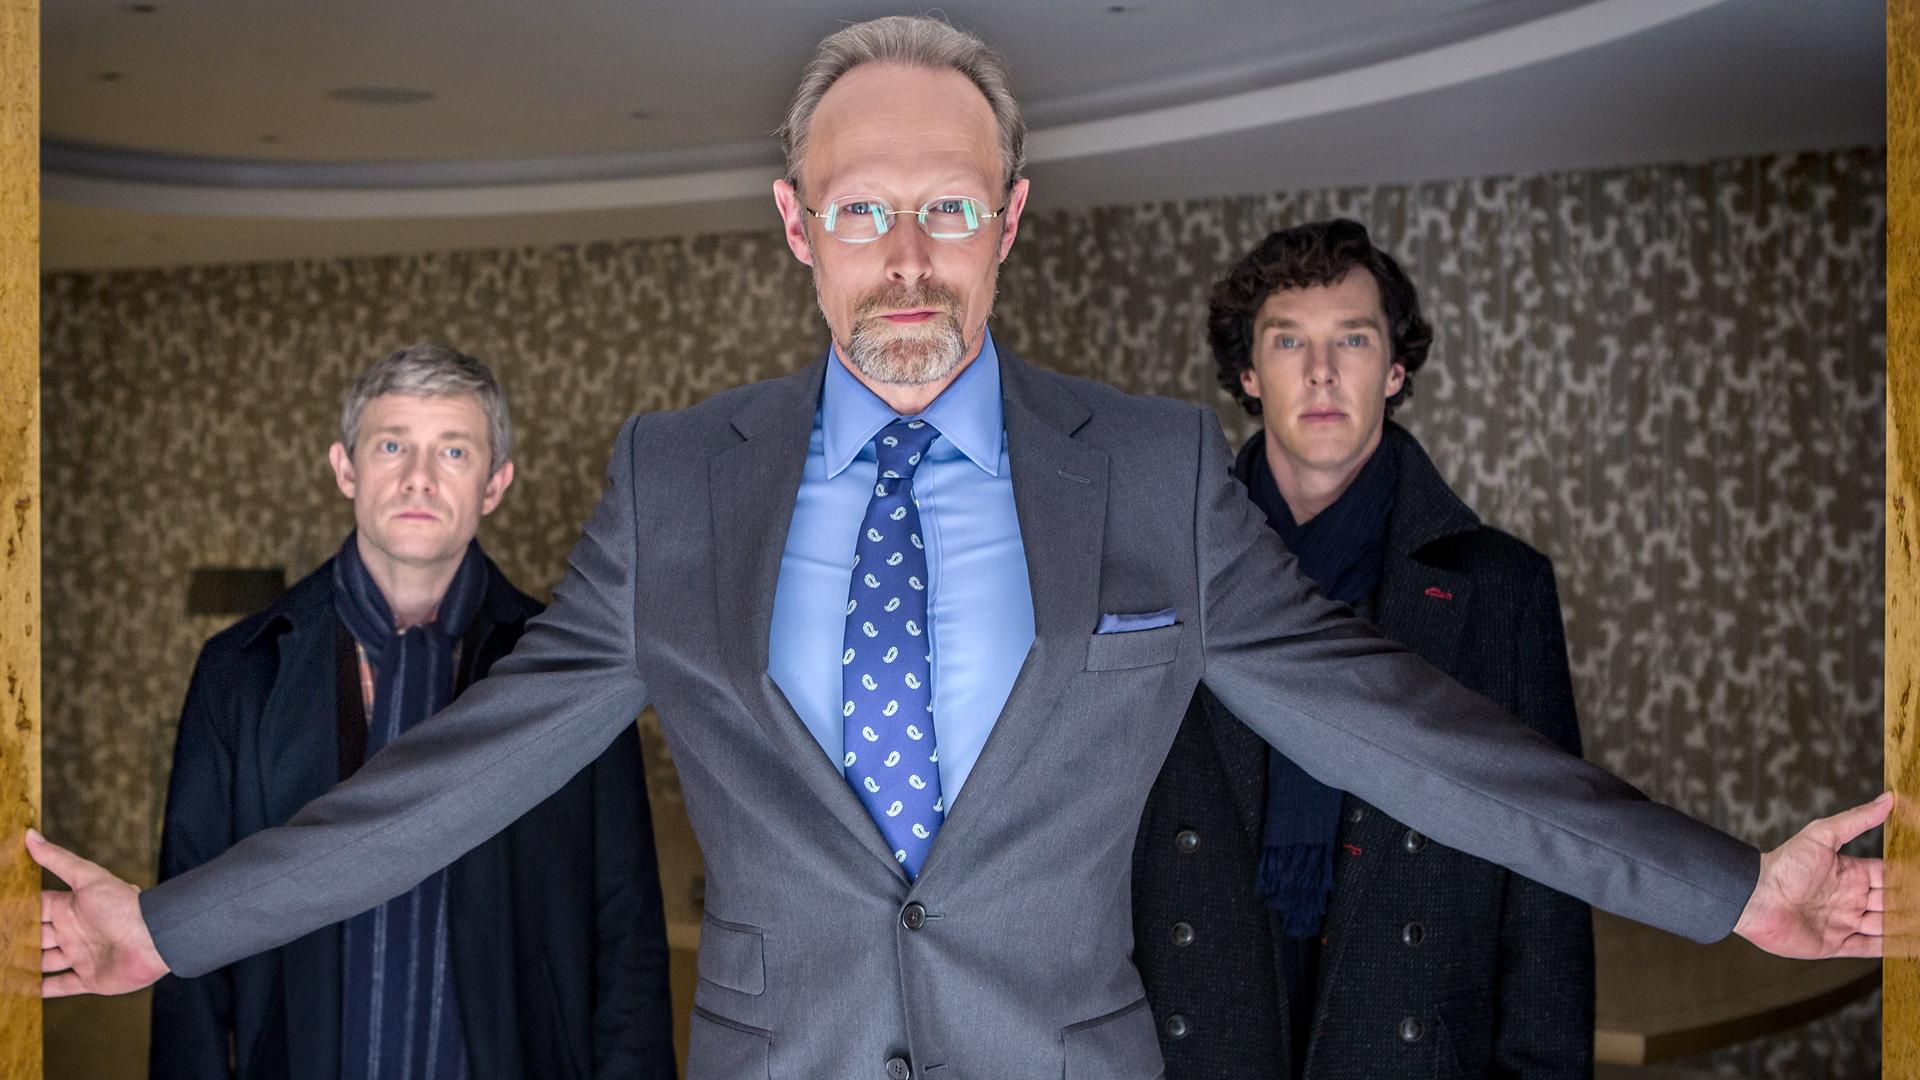 Sherlock series 3 episode 1 download - Blue blood tv series 2014